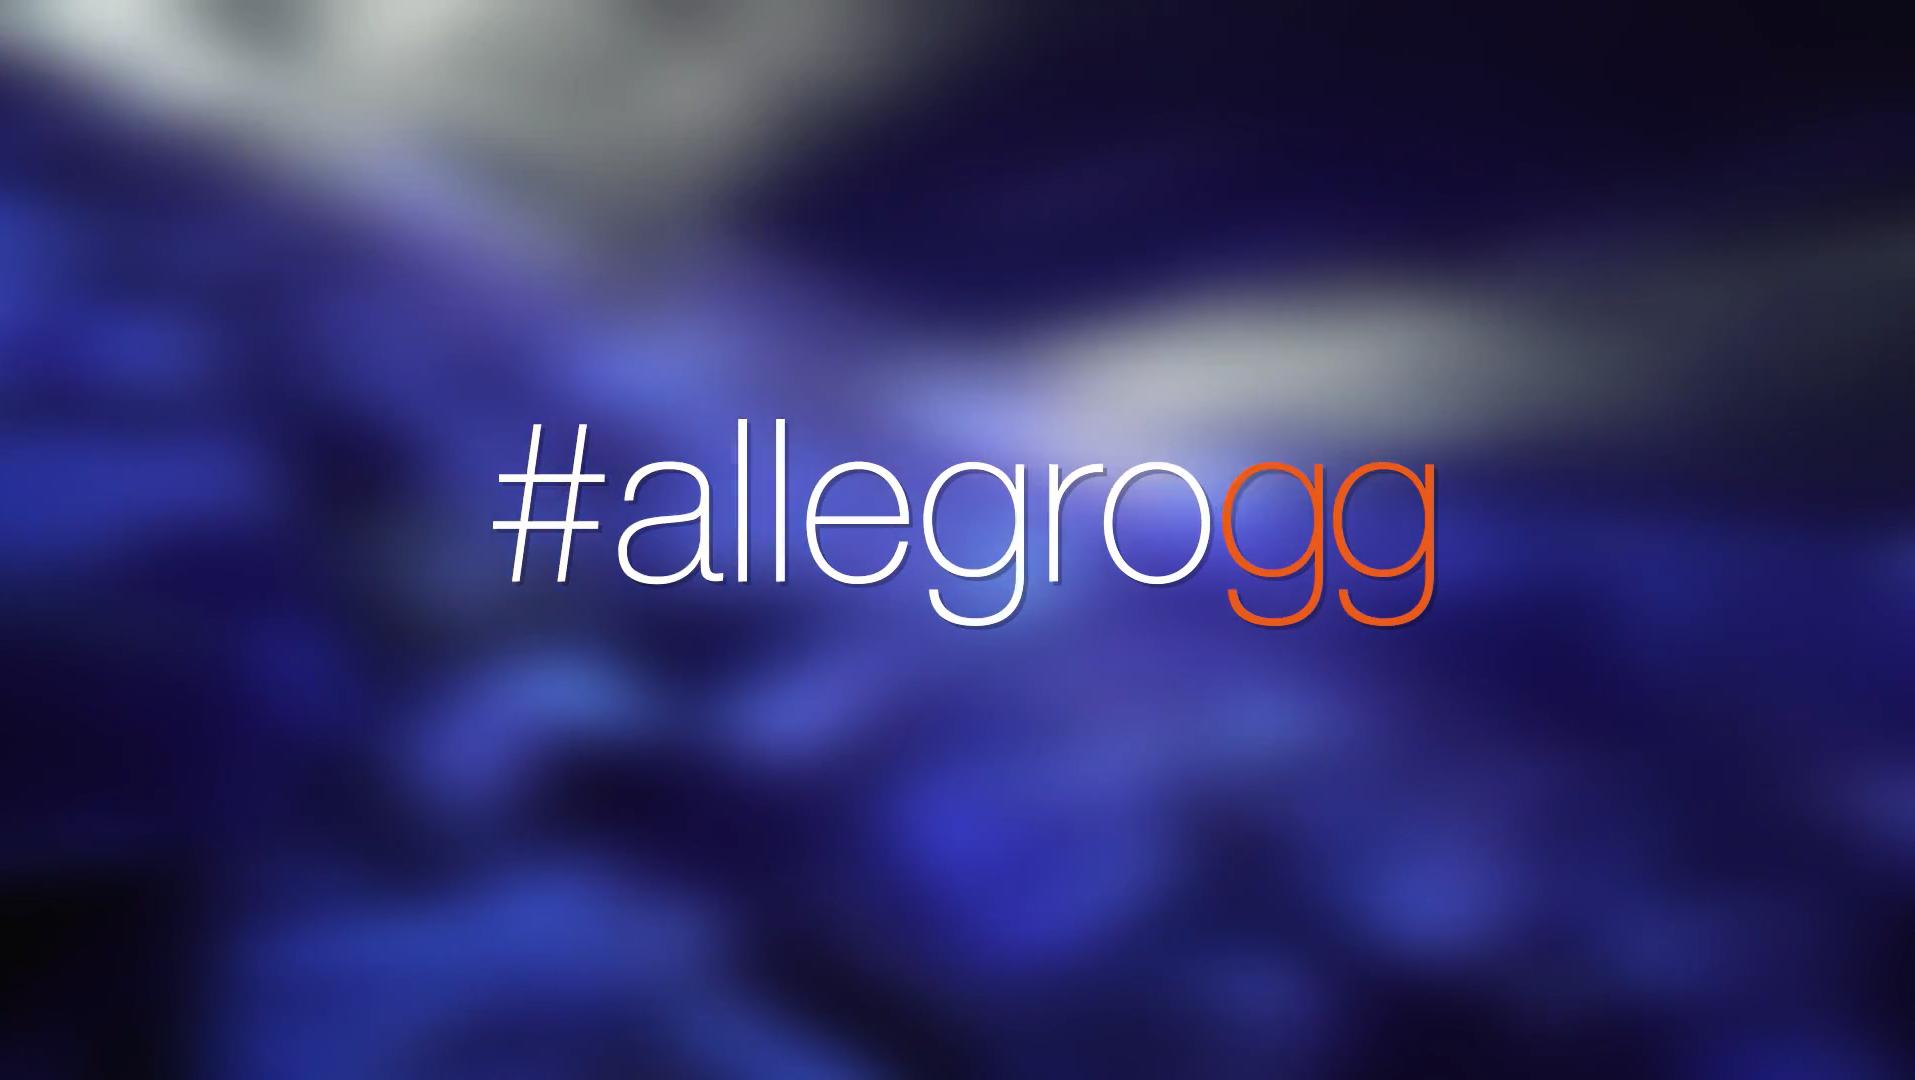 Najwięksi twórcy internetowi współpracują z nowym serwisem Allegro.gg